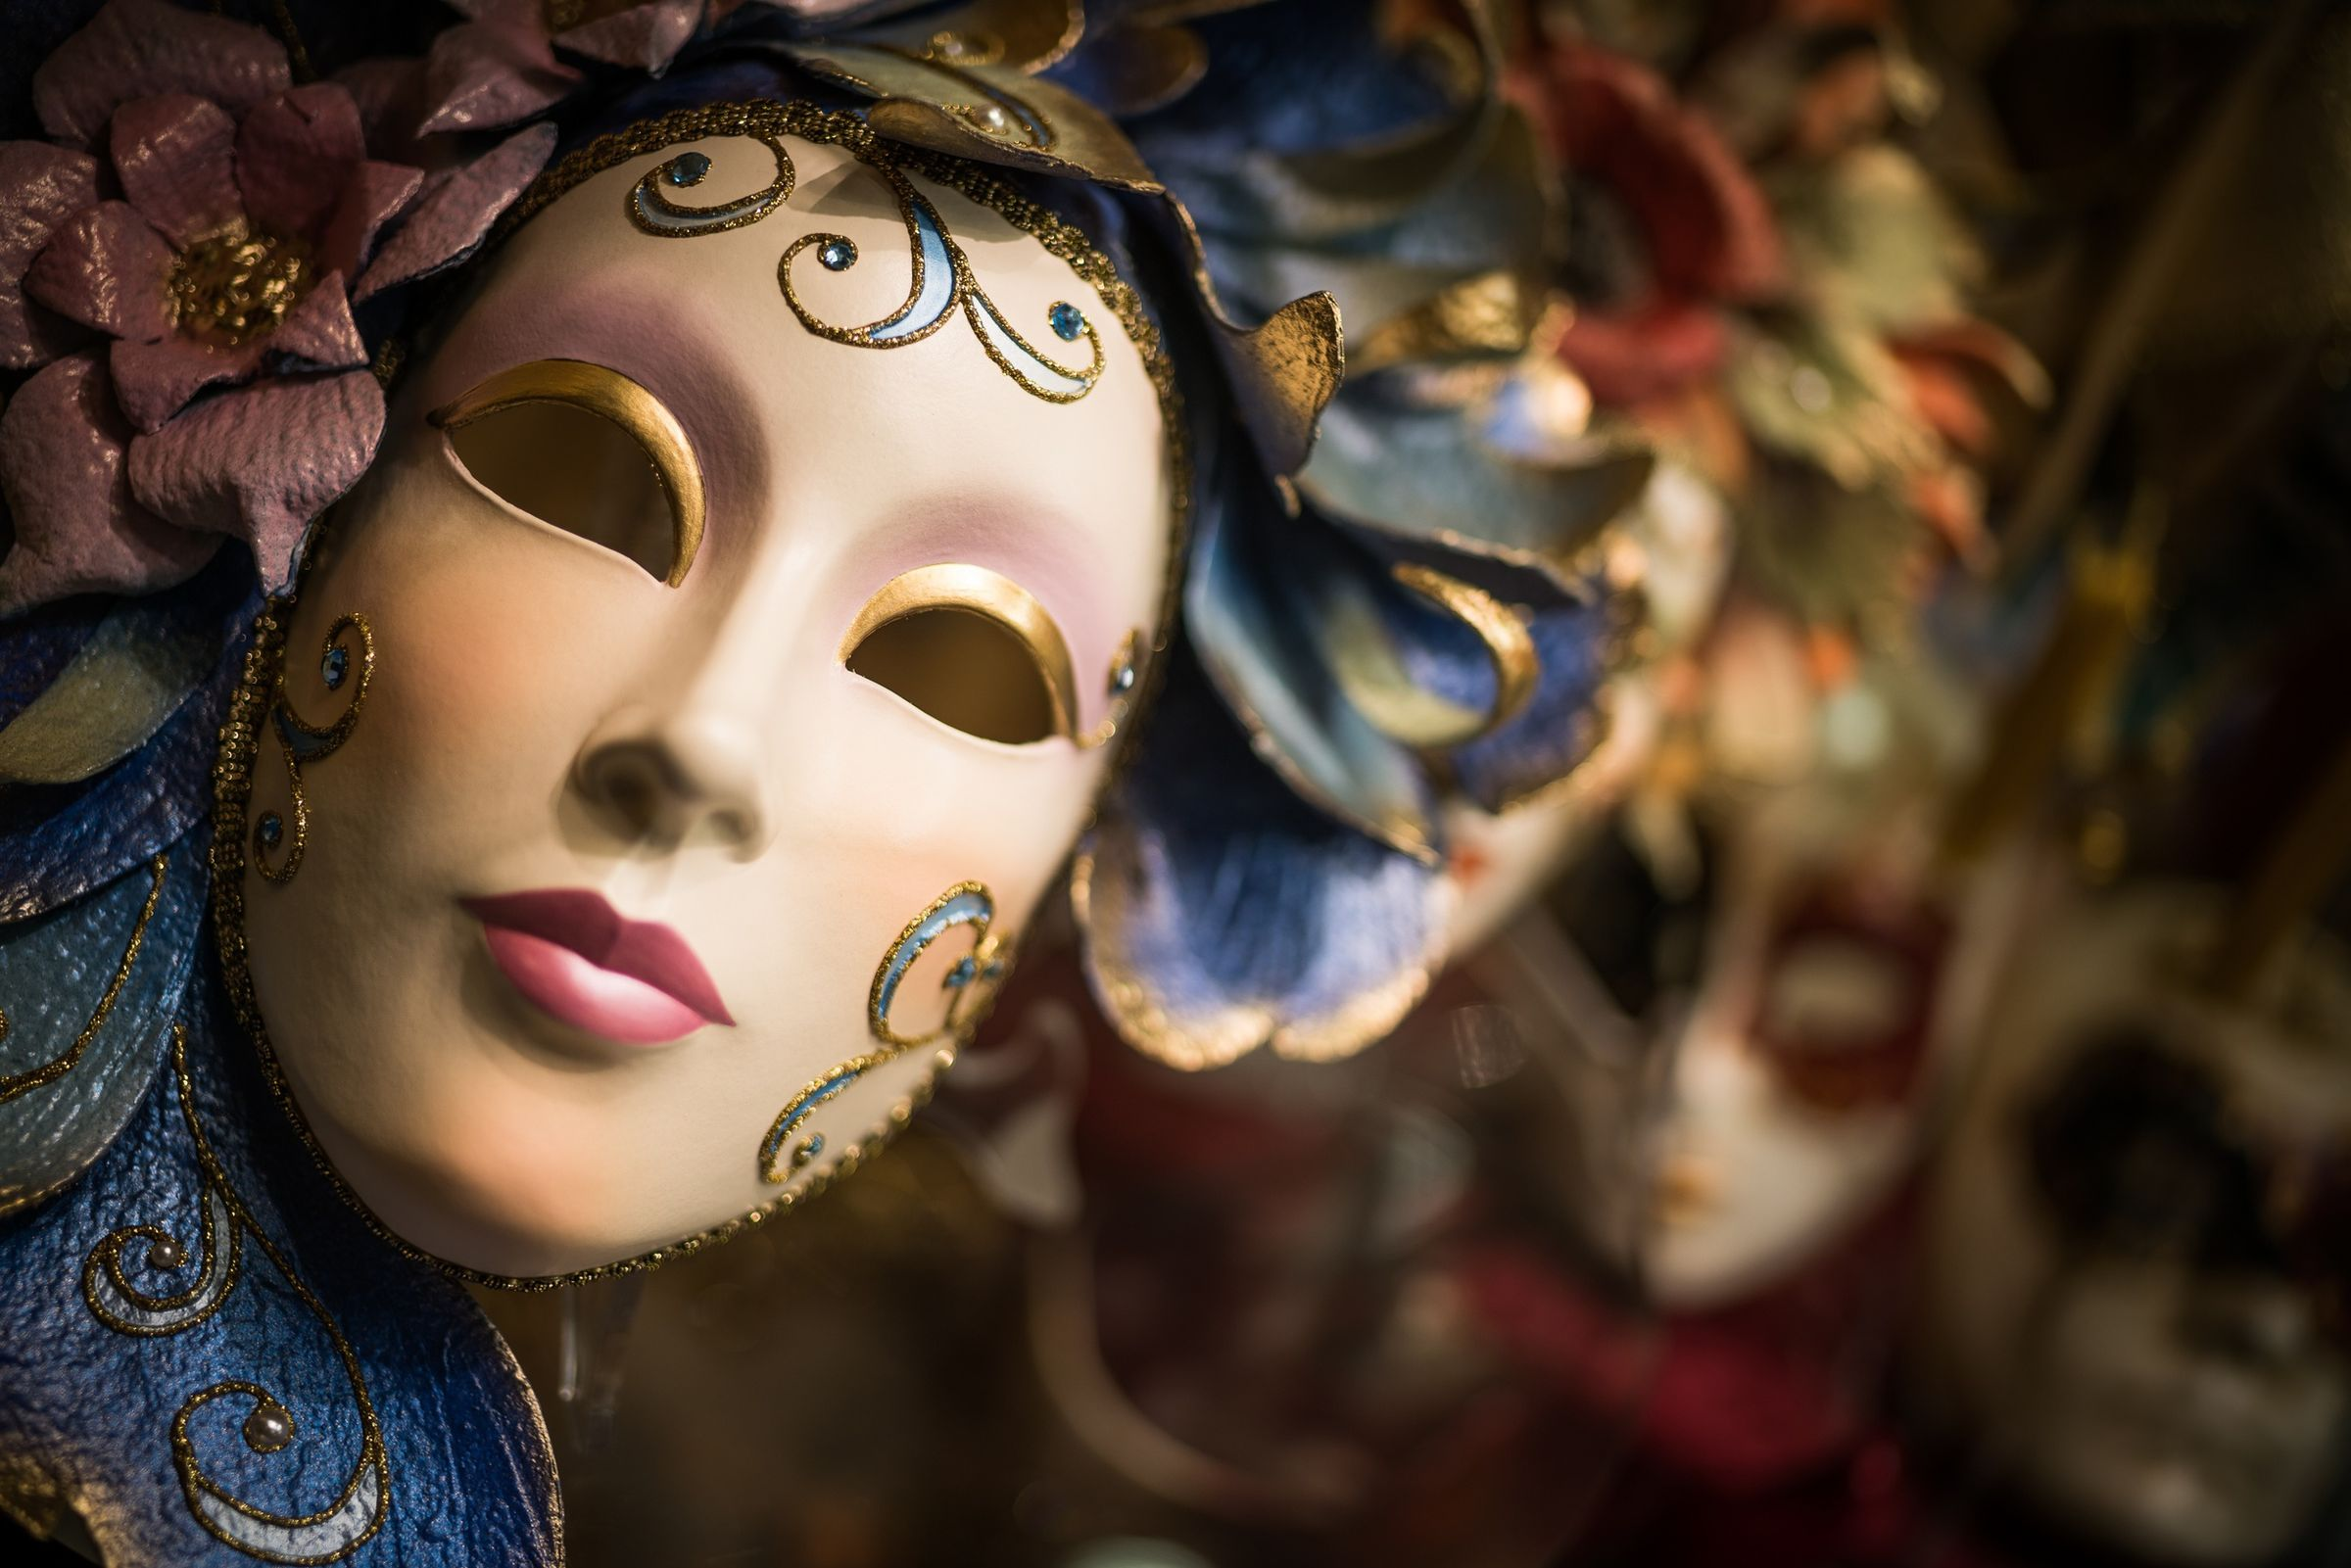 Театральная маска картинки